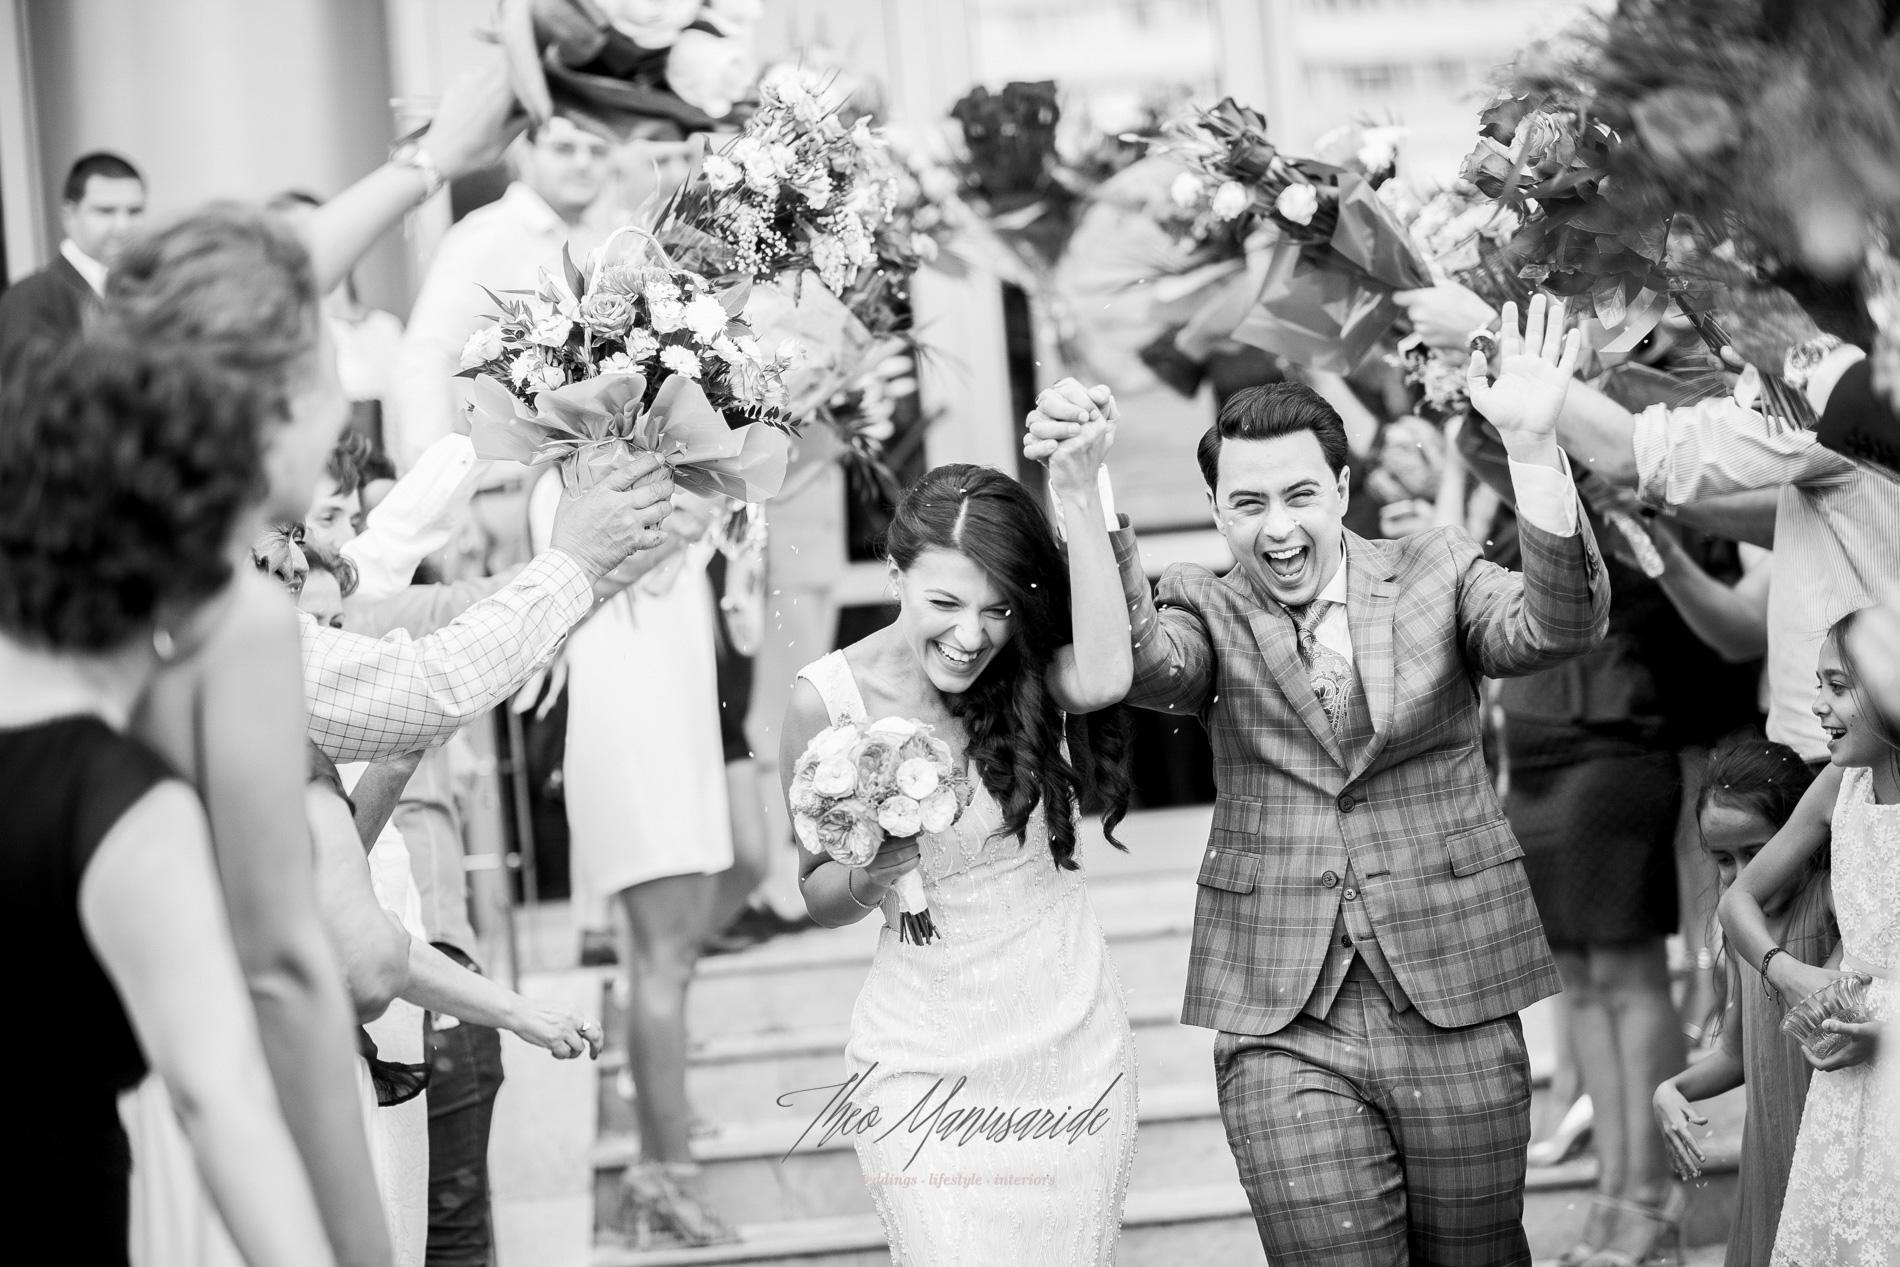 fotograf nunta biavati events-3-2